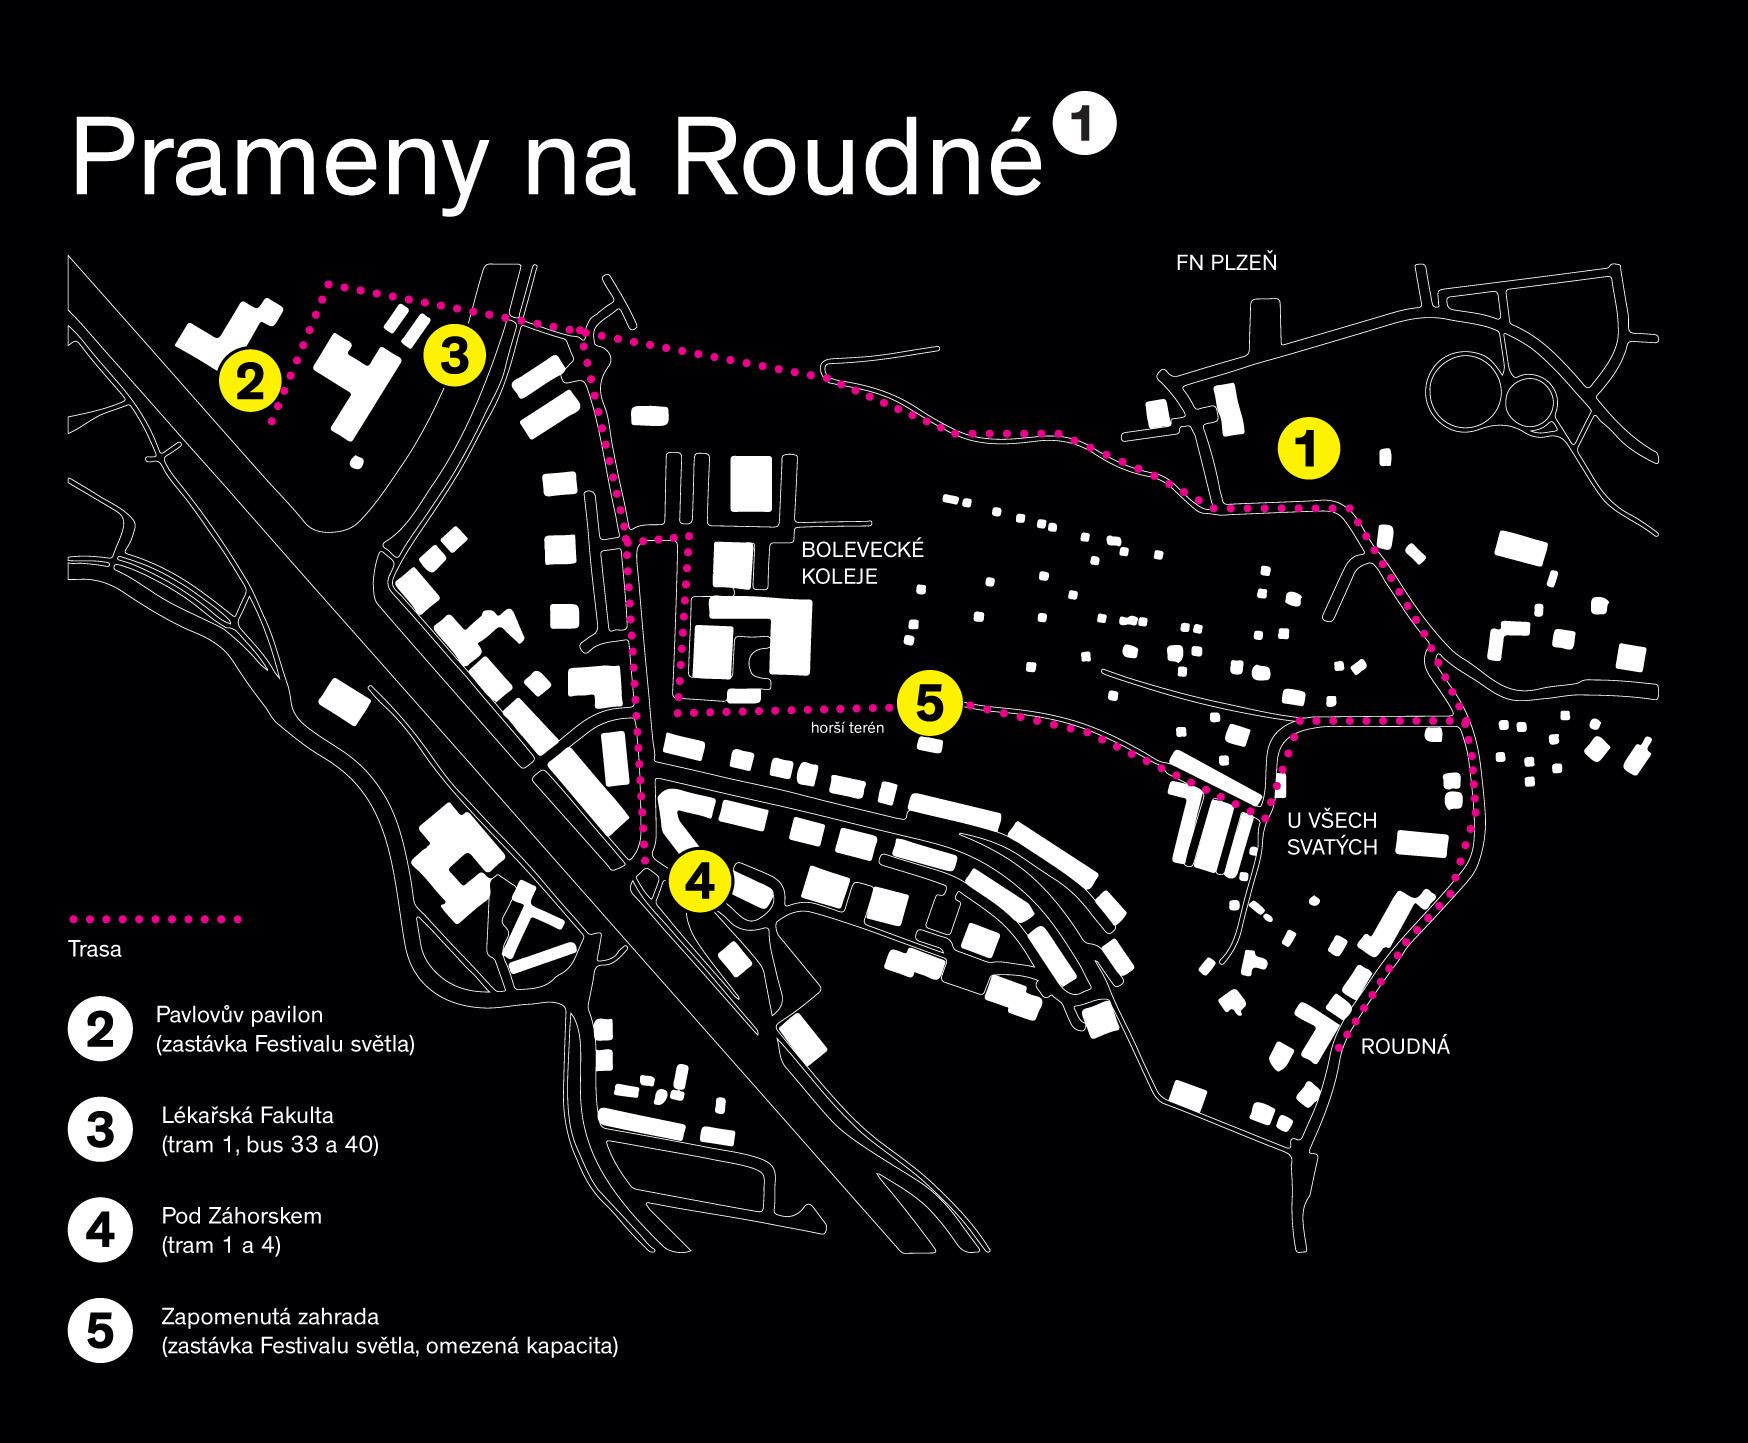 _festivalSvetla_pramenyNaRoudne_mapa